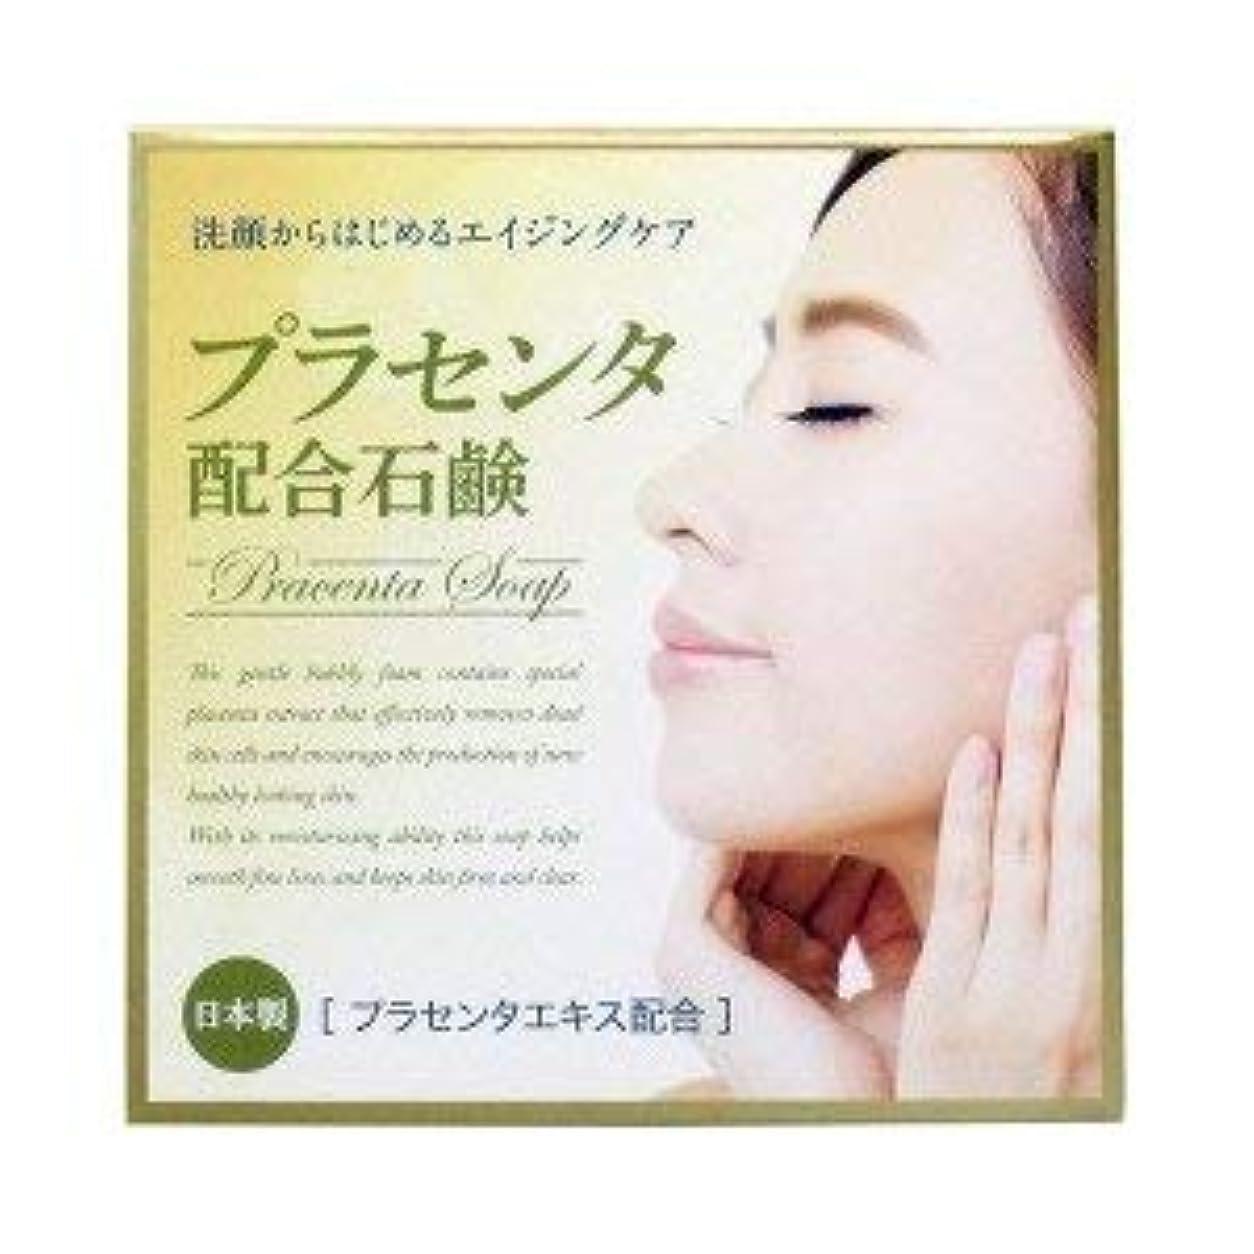 けがをするスープ一般的なプラセンタ配合石鹸 80g×2 2個1セット プラセンタエキス保湿成分配合 日本製